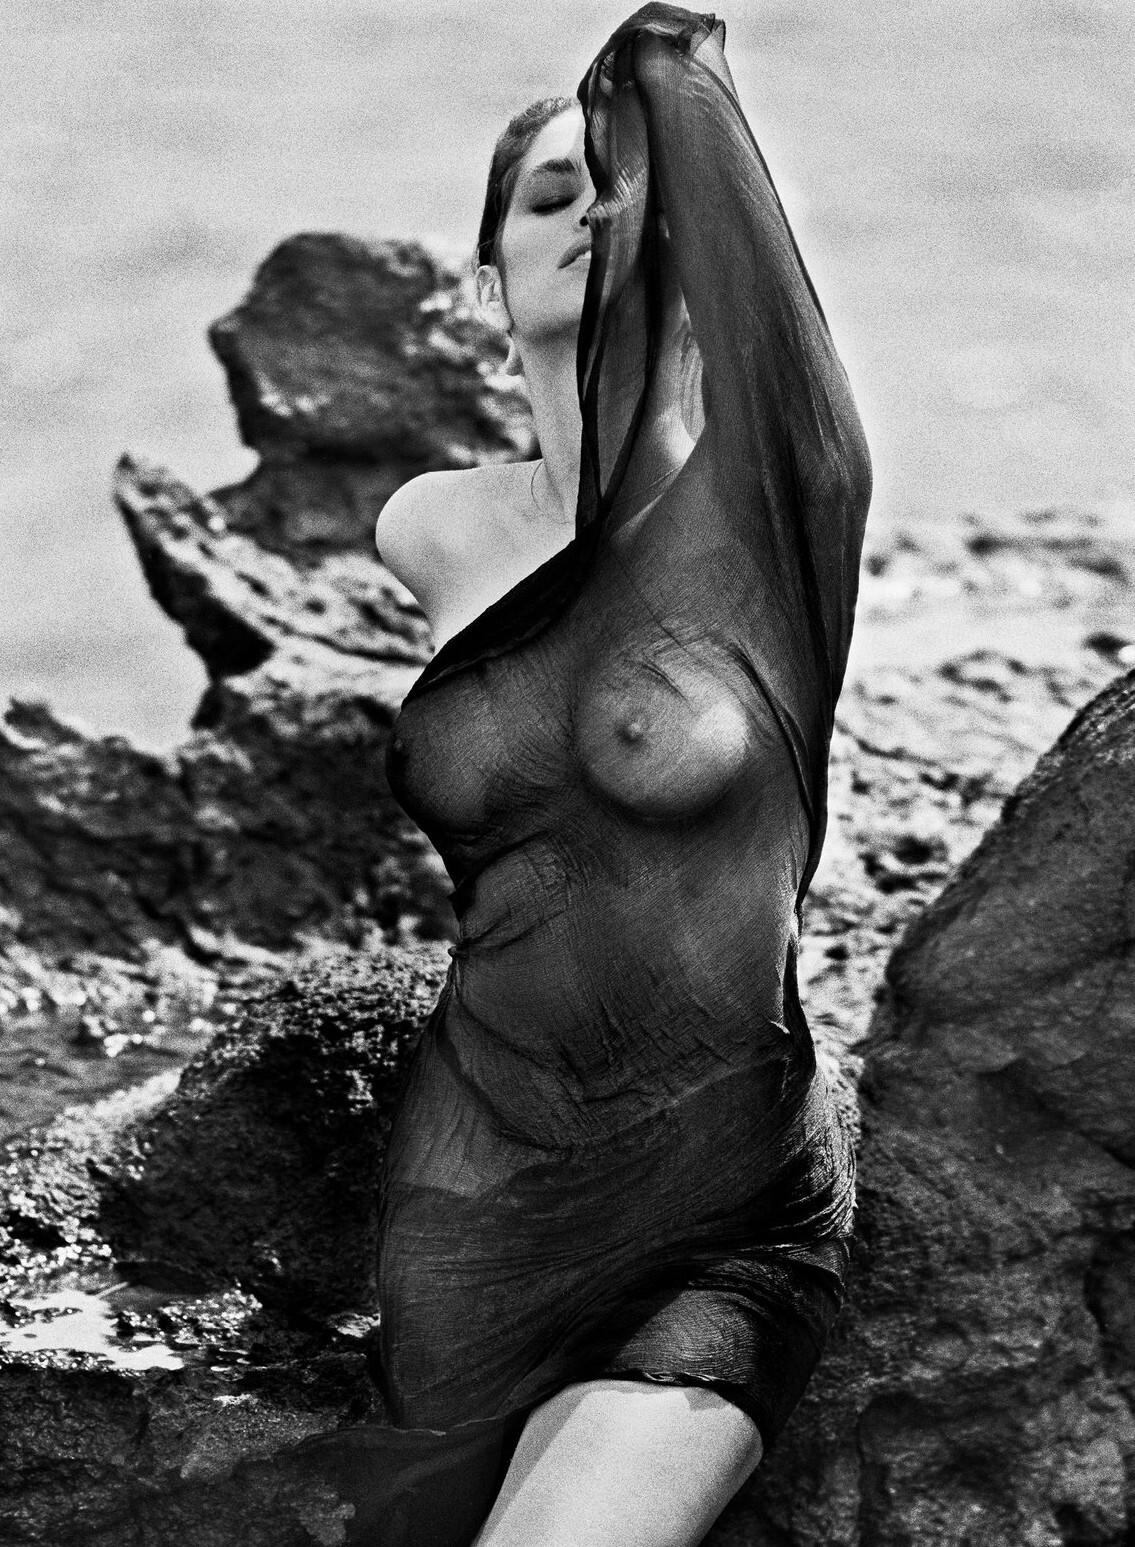 Синди Кроуфорд. Фотограф Марко Главиано